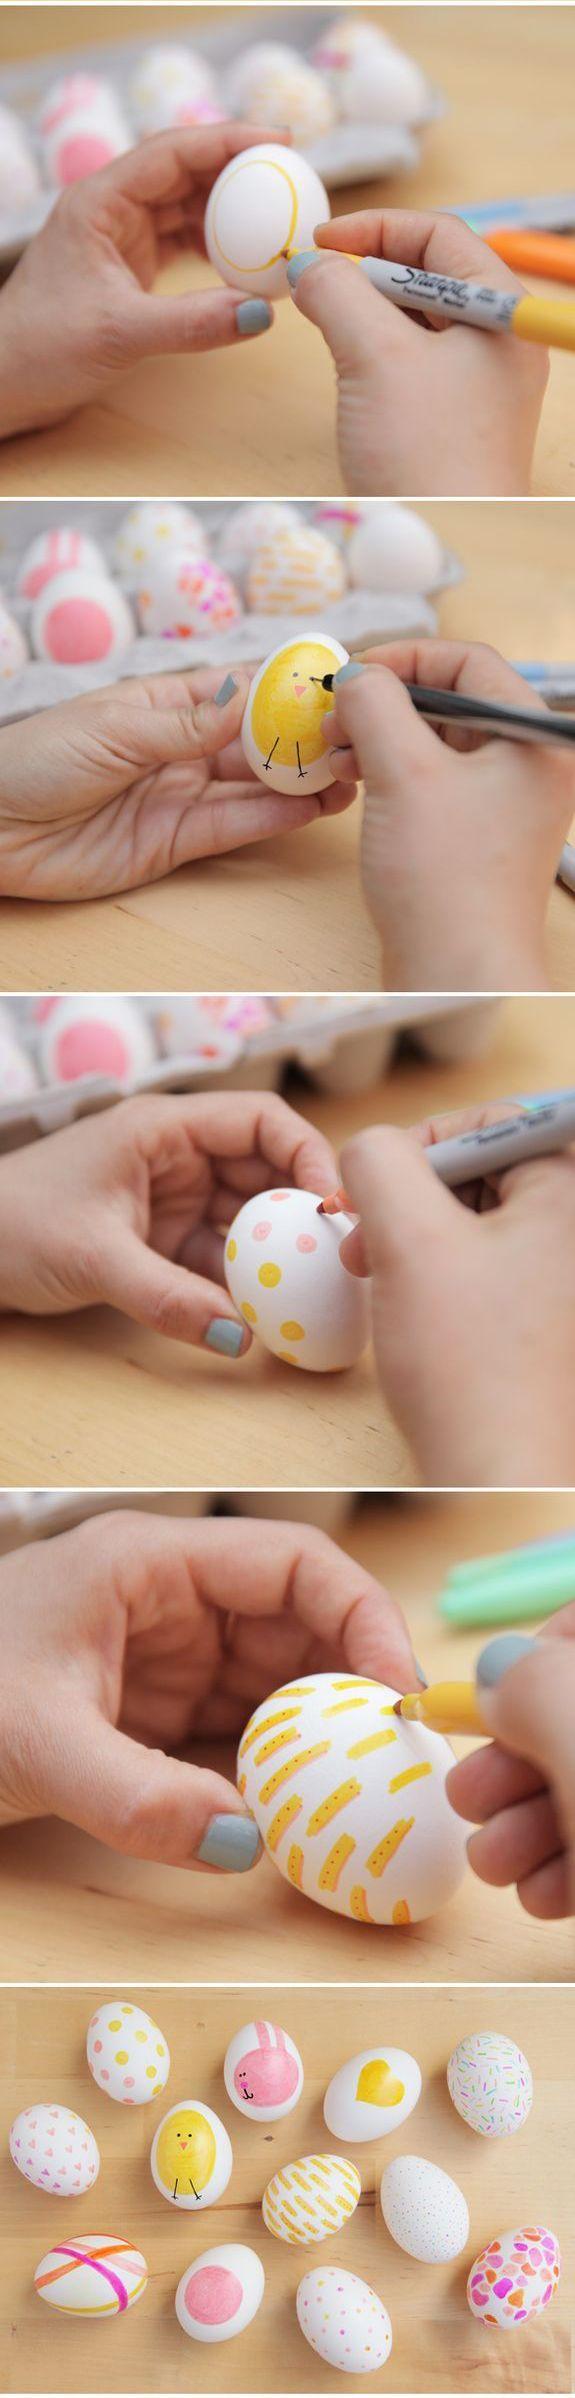 composizione di uova di pasqua decorate